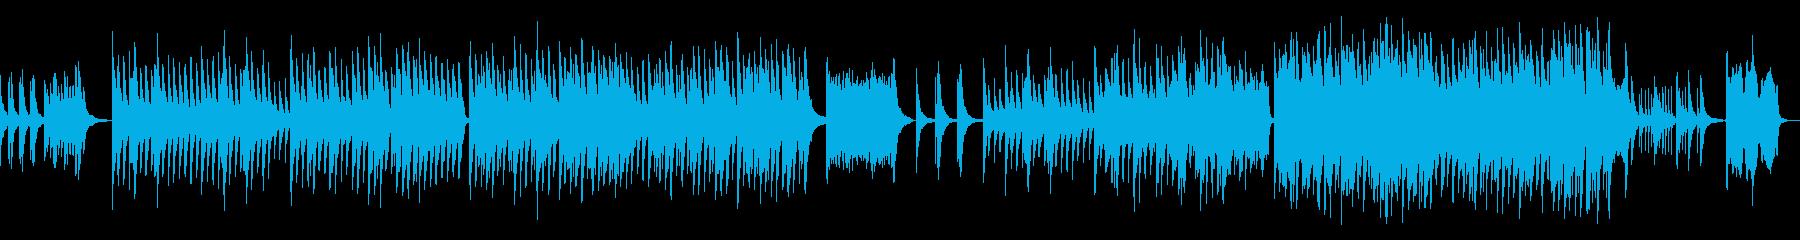 合唱をイメージしたピアノバラードの再生済みの波形